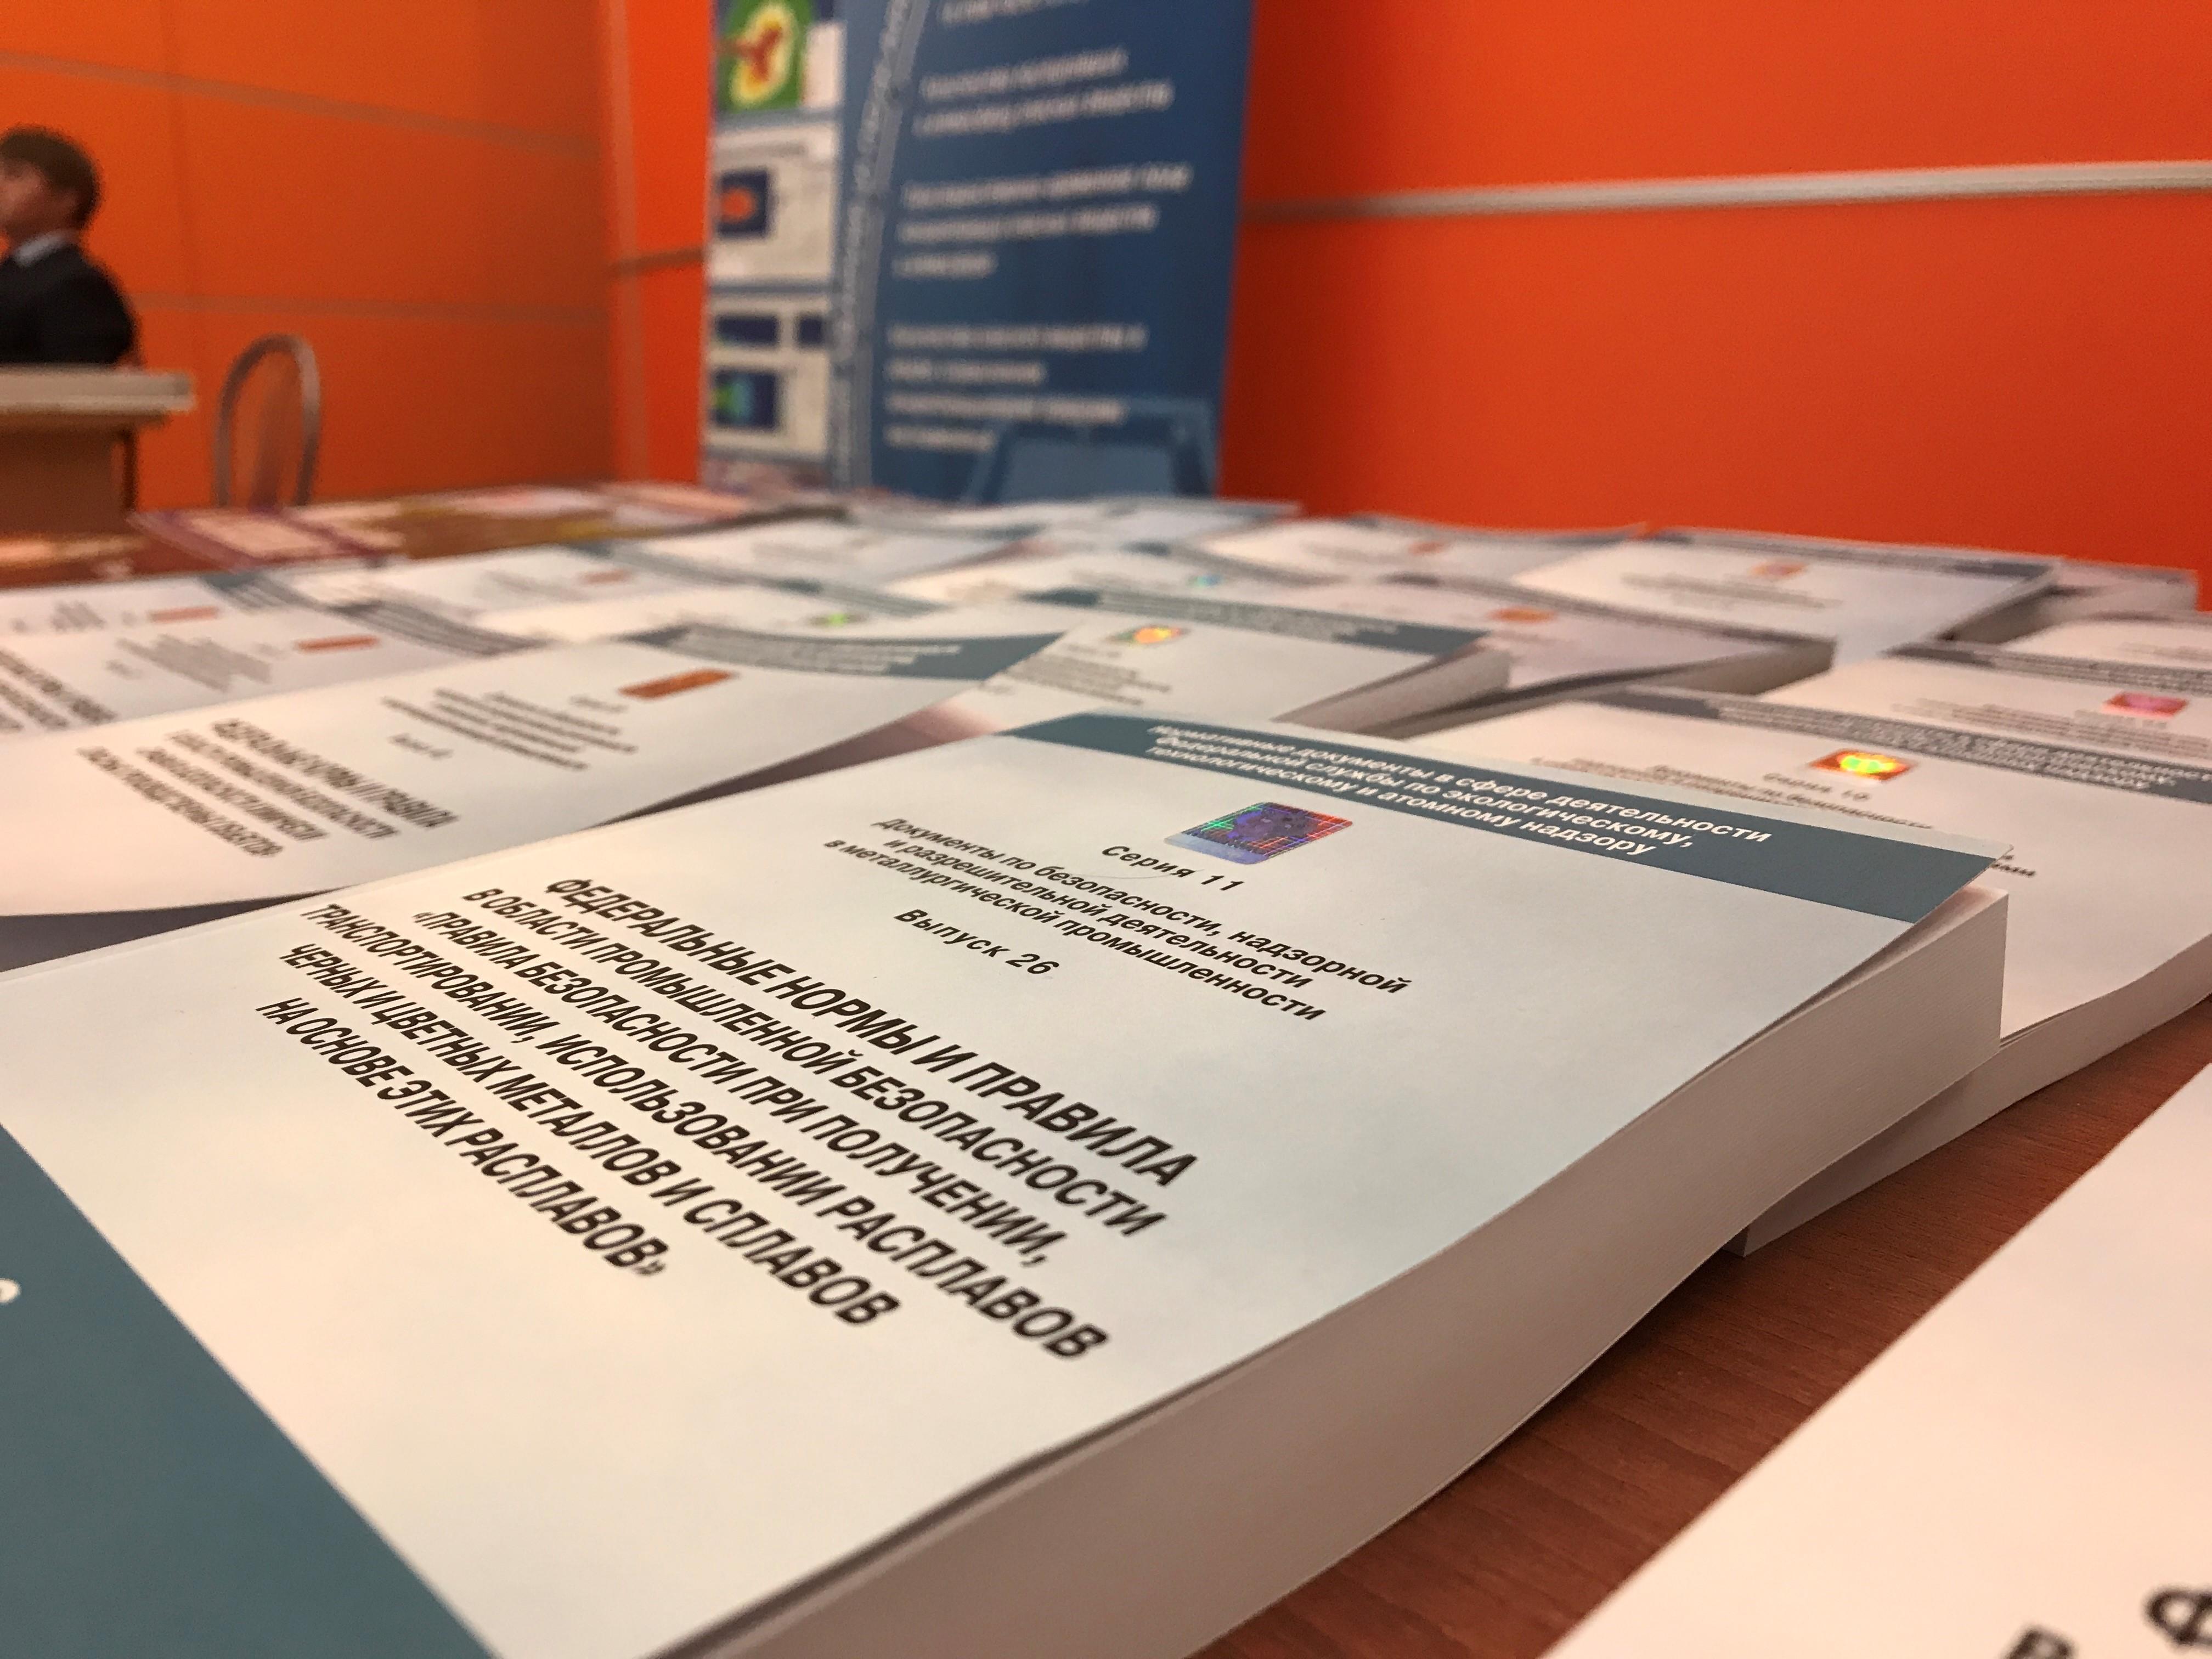 Всероссийская научно-практическая конференция, посвященная 20-летию принятия закона «О промышленной безопасности», прошла в Москве